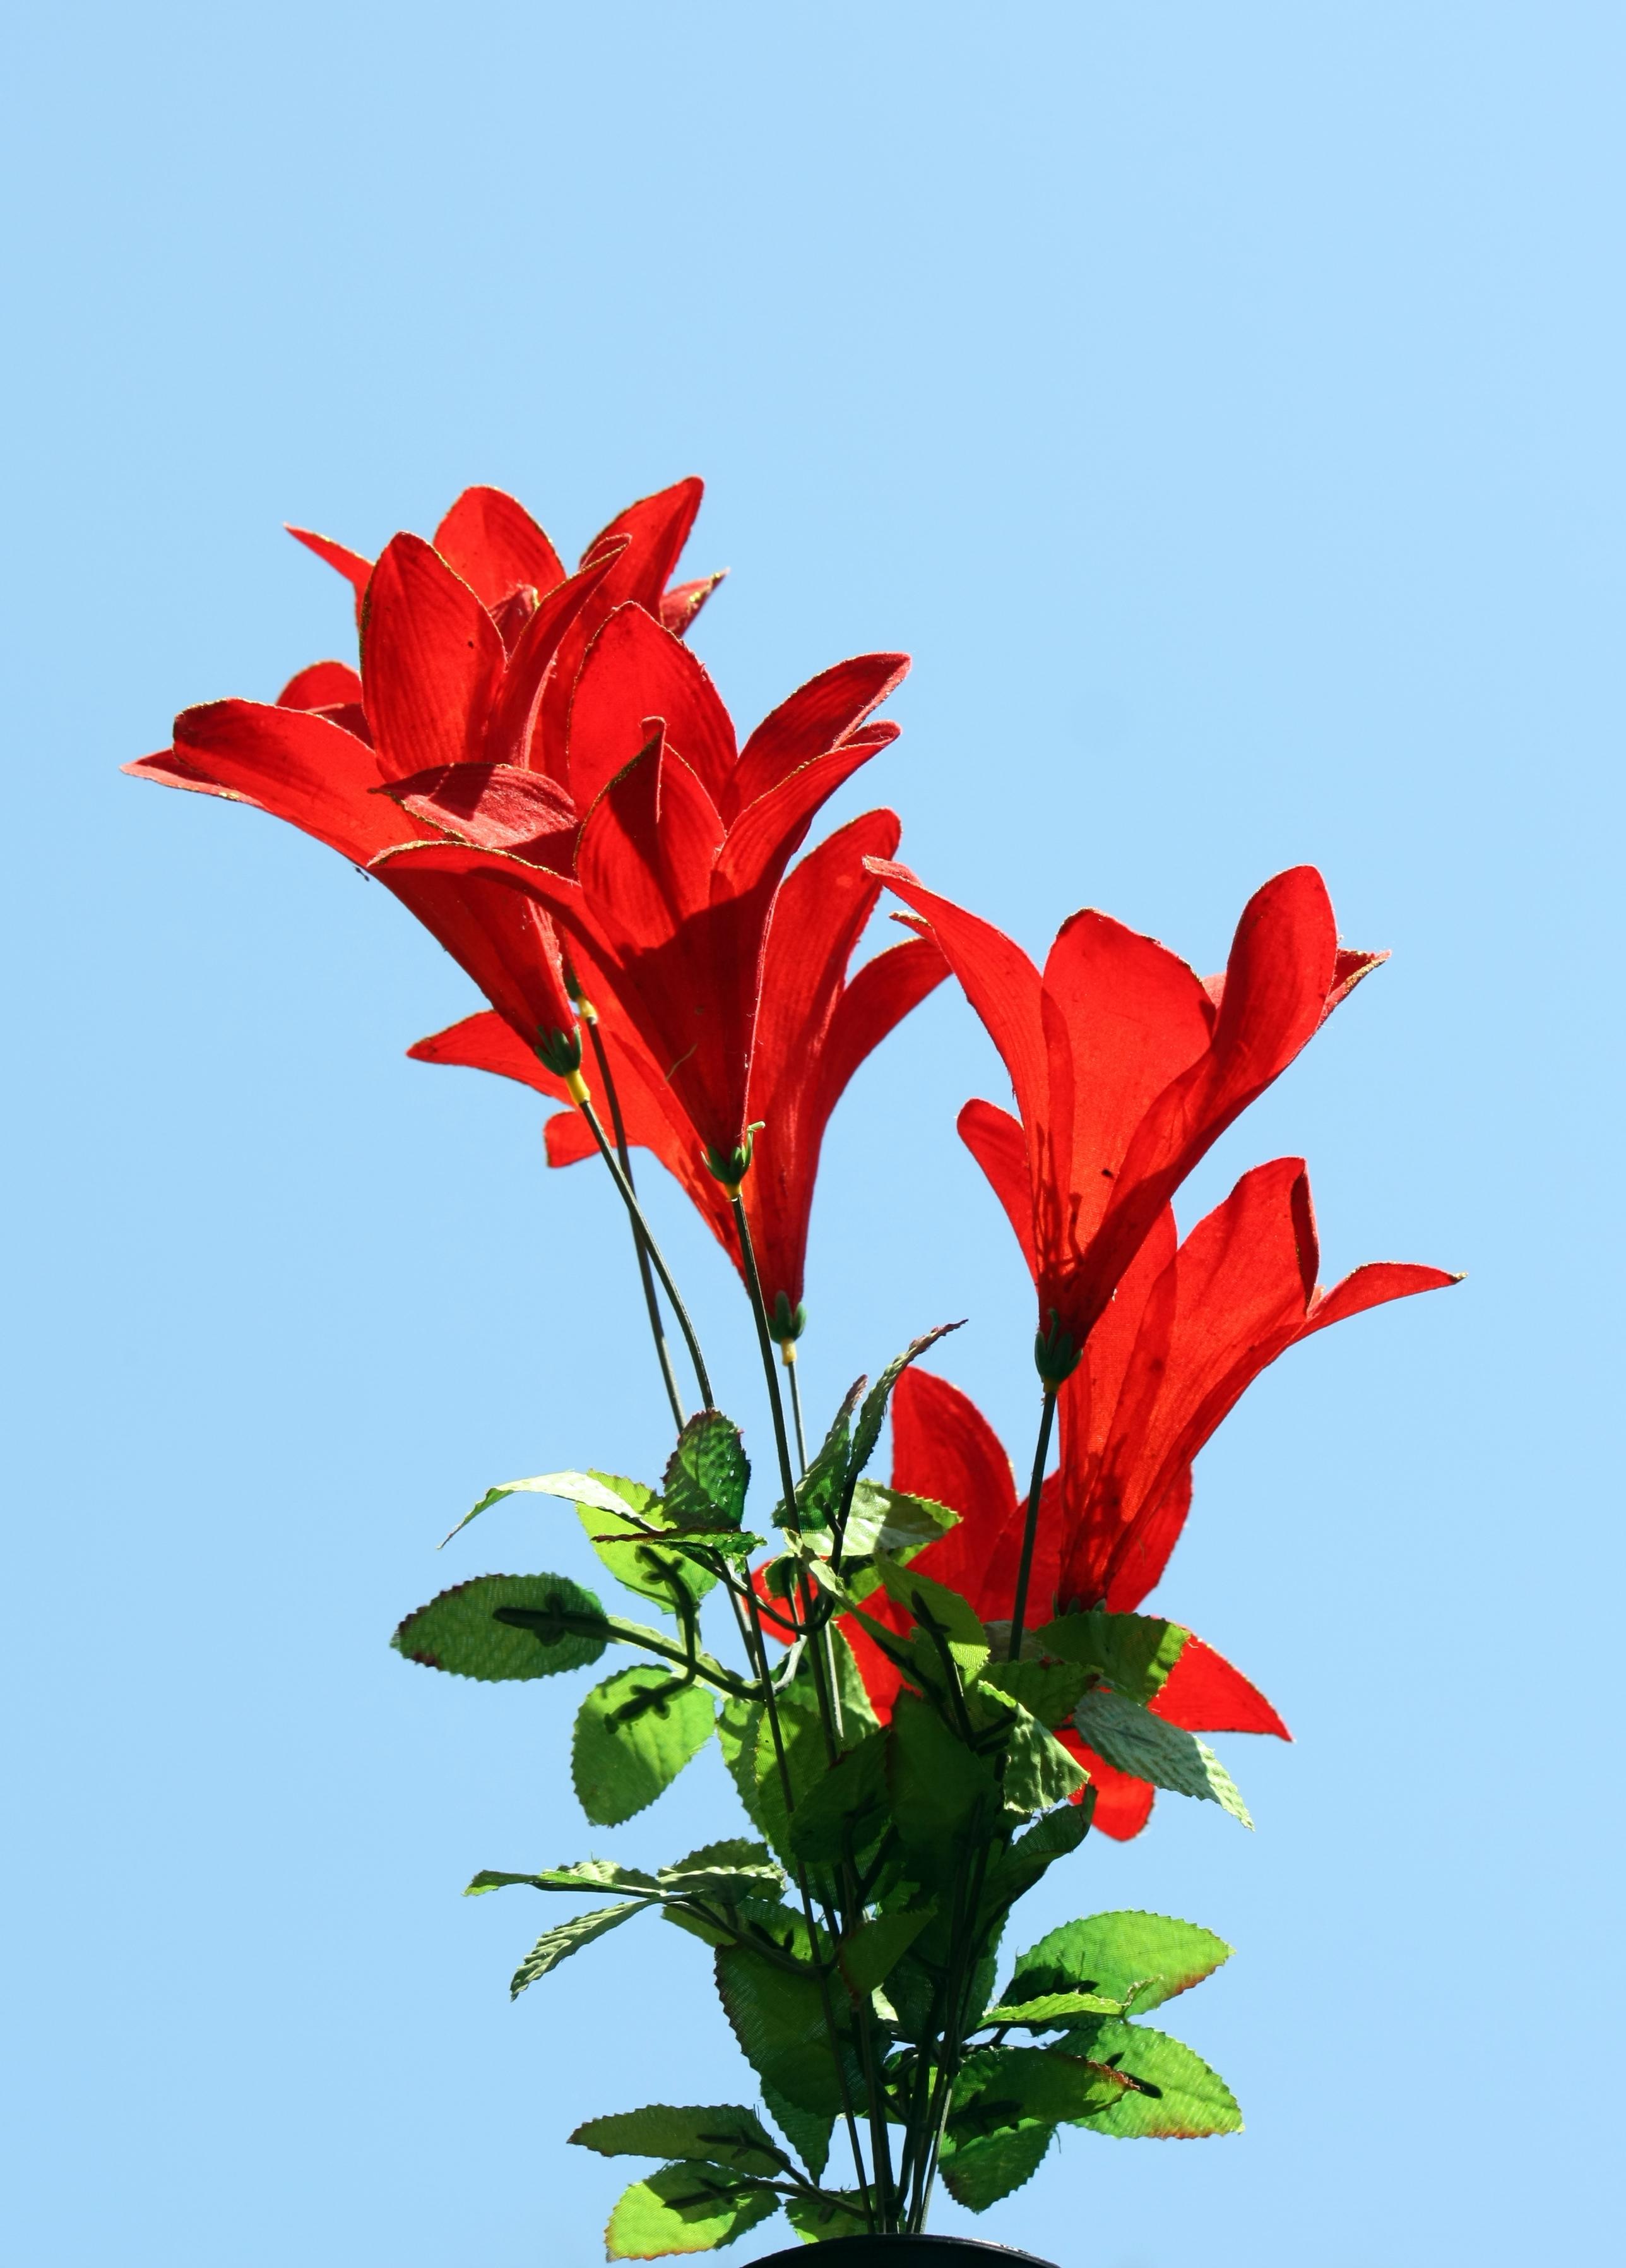 fileartificial flowersjpg wikimedia commons